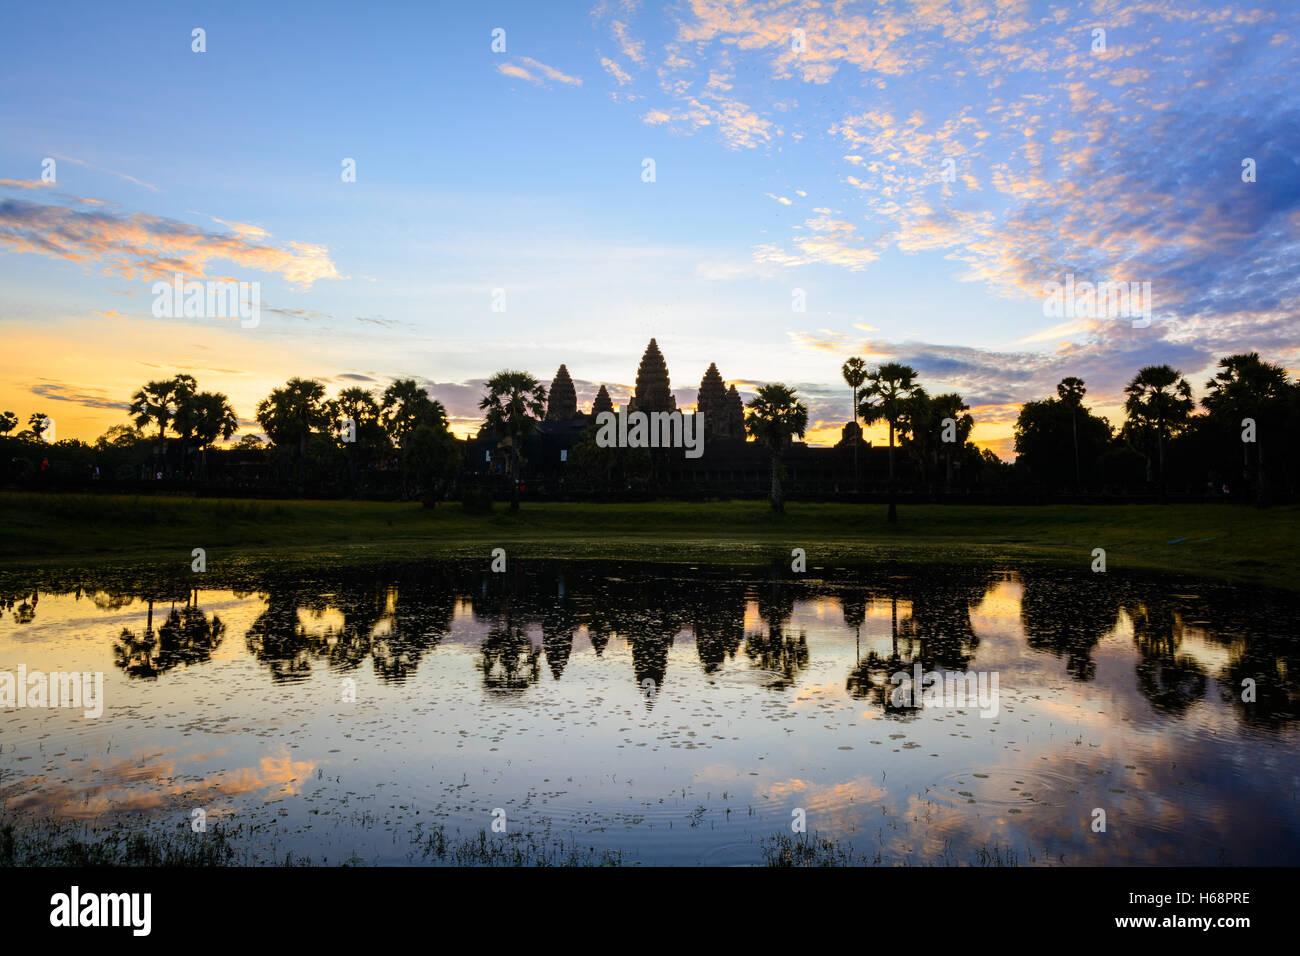 Angkor Wat Sunrise Landscape - Reflection in holy lake Stock Photo